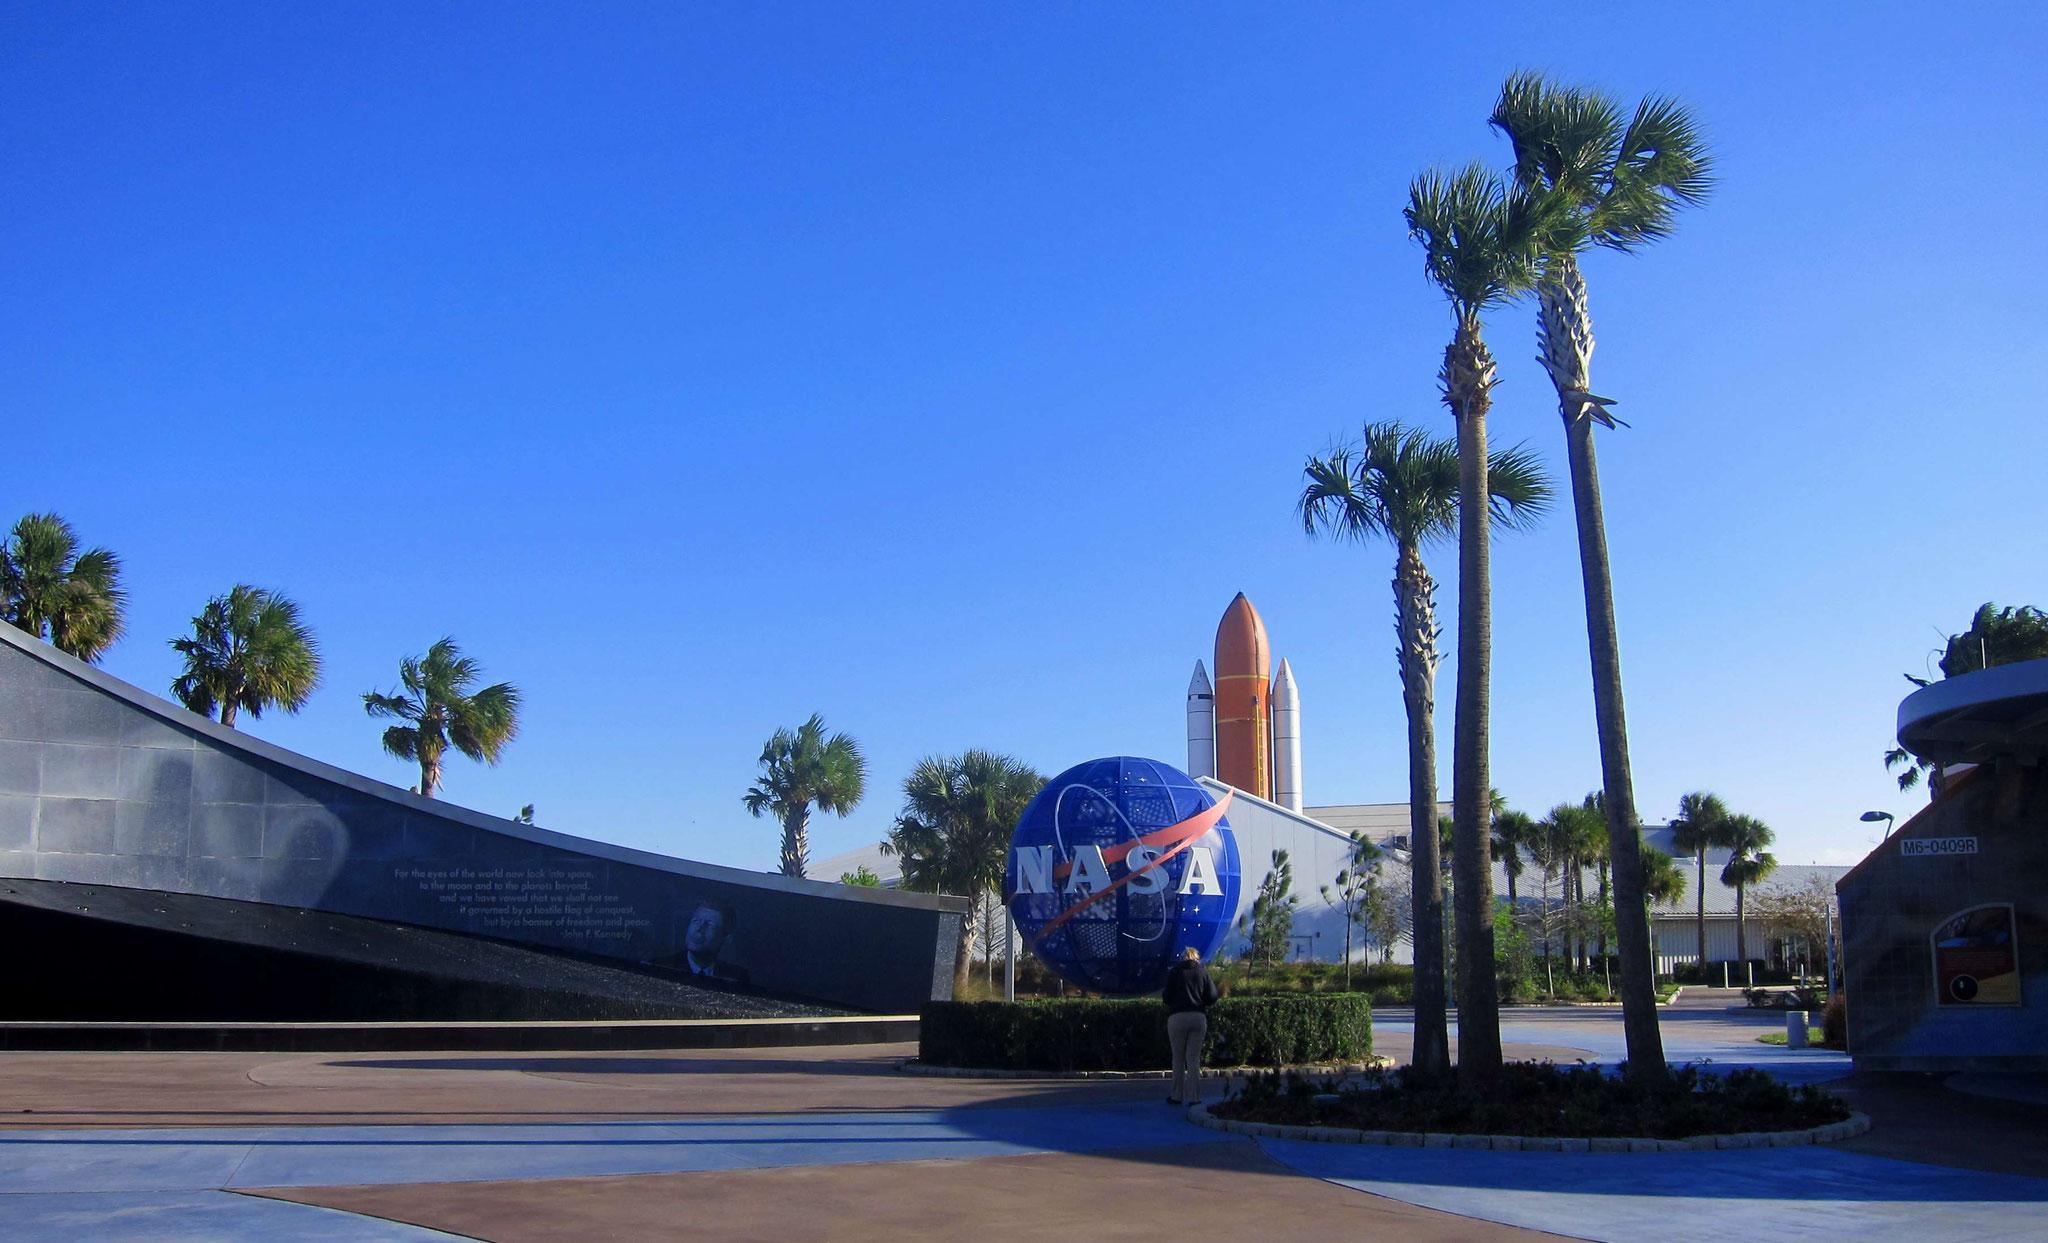 Blick vom Eingang auf das Raketensystem der Shuttles - in der Mitte der Tank, außen zwei Raketen